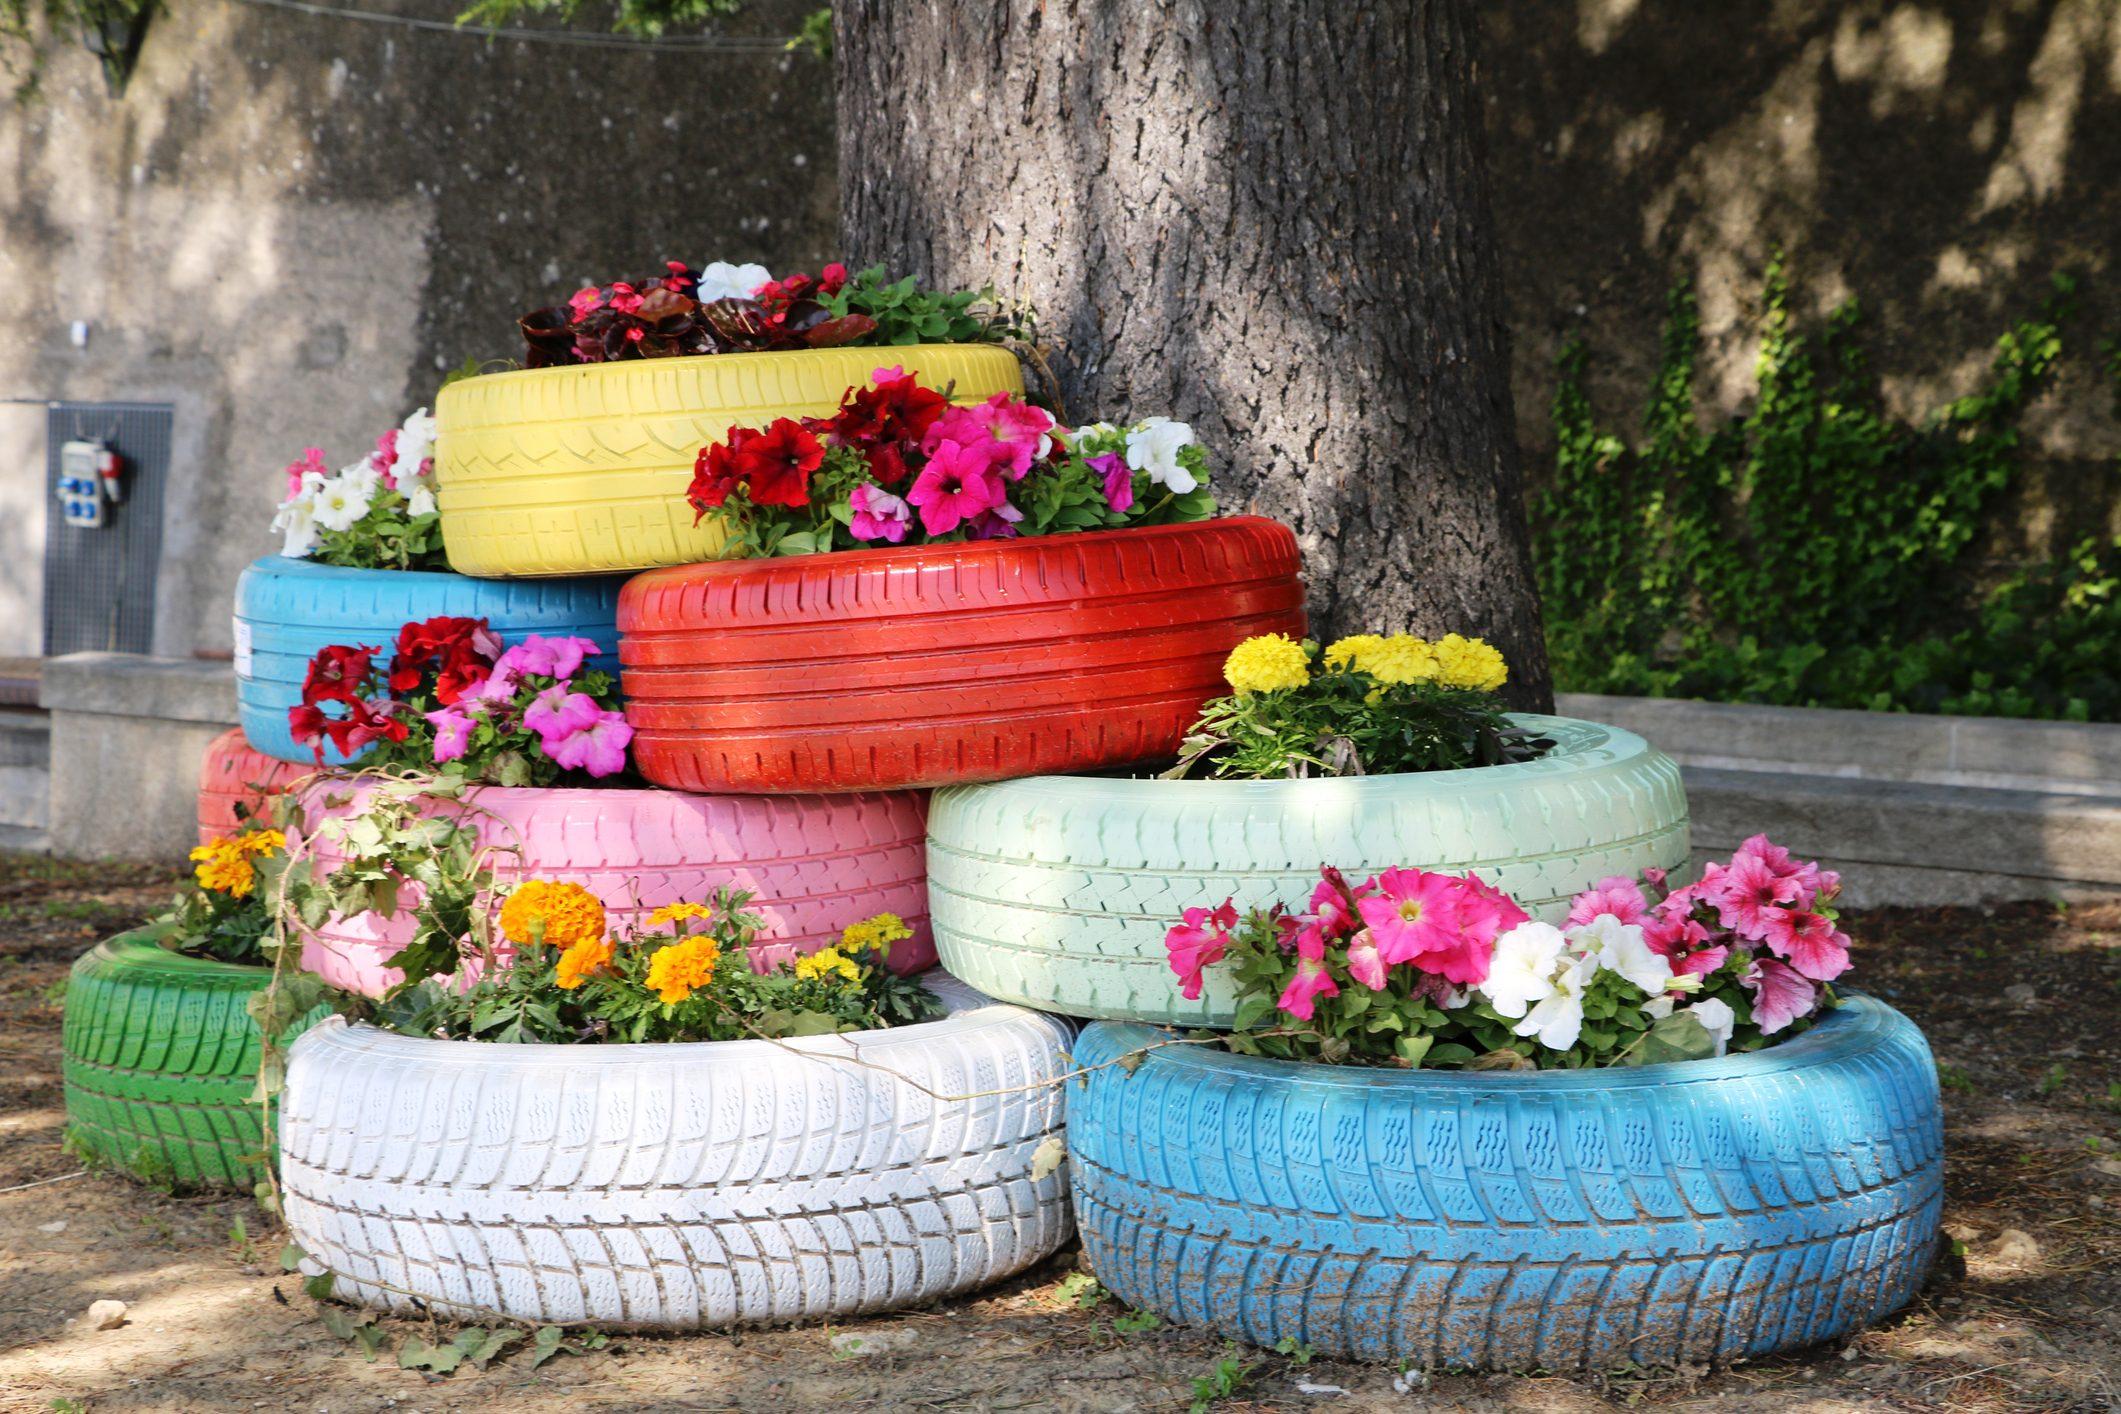 Riciclo creativo tre idee per arredare il tuo giardino a costo zero ohga - Idee per arredare il giardino ...